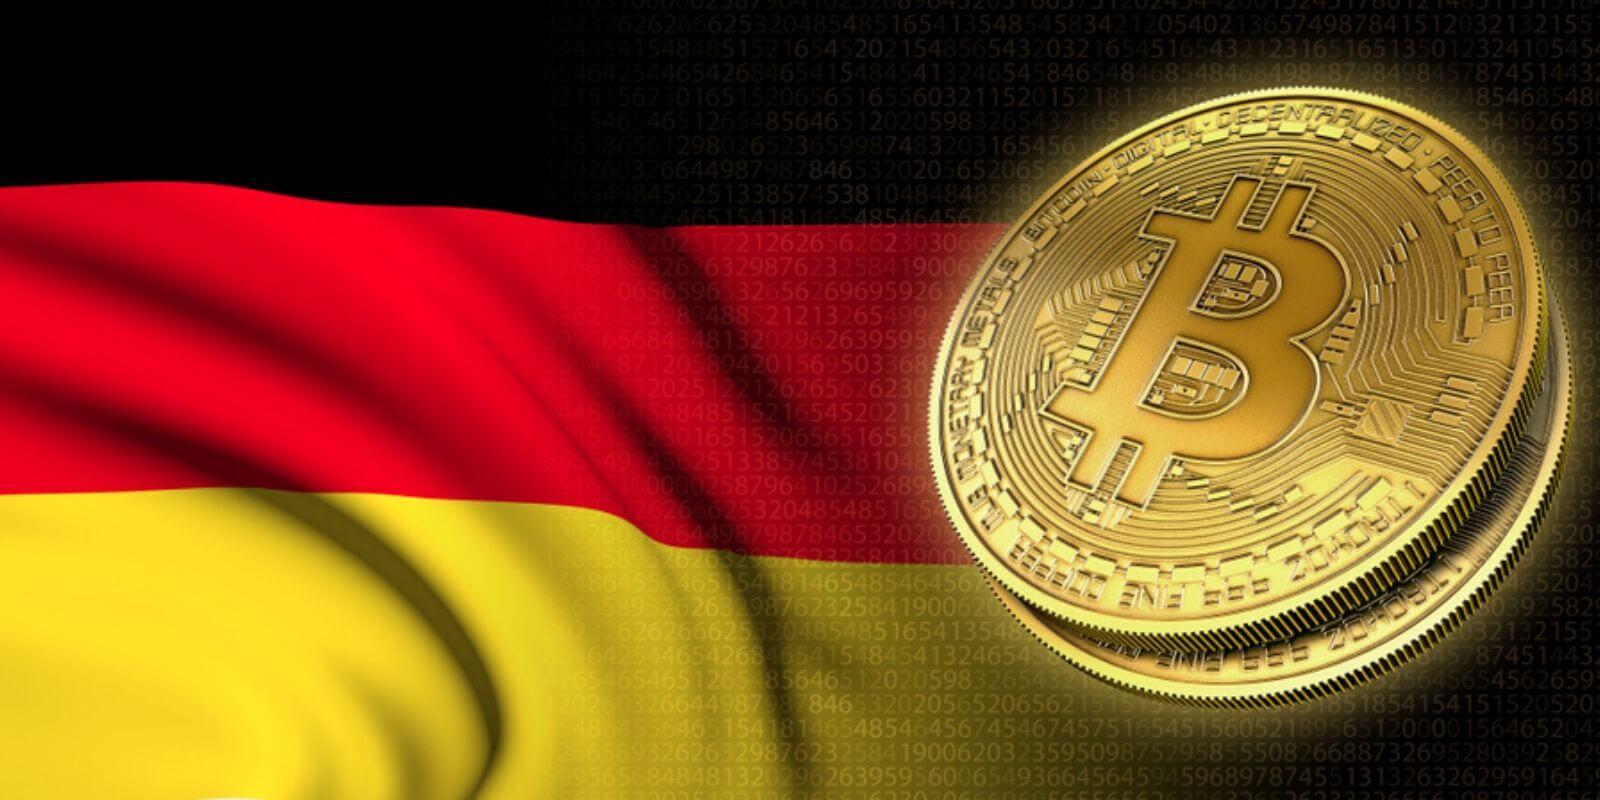 L'Allemagne reconnaît les cryptos comme des instruments financiers